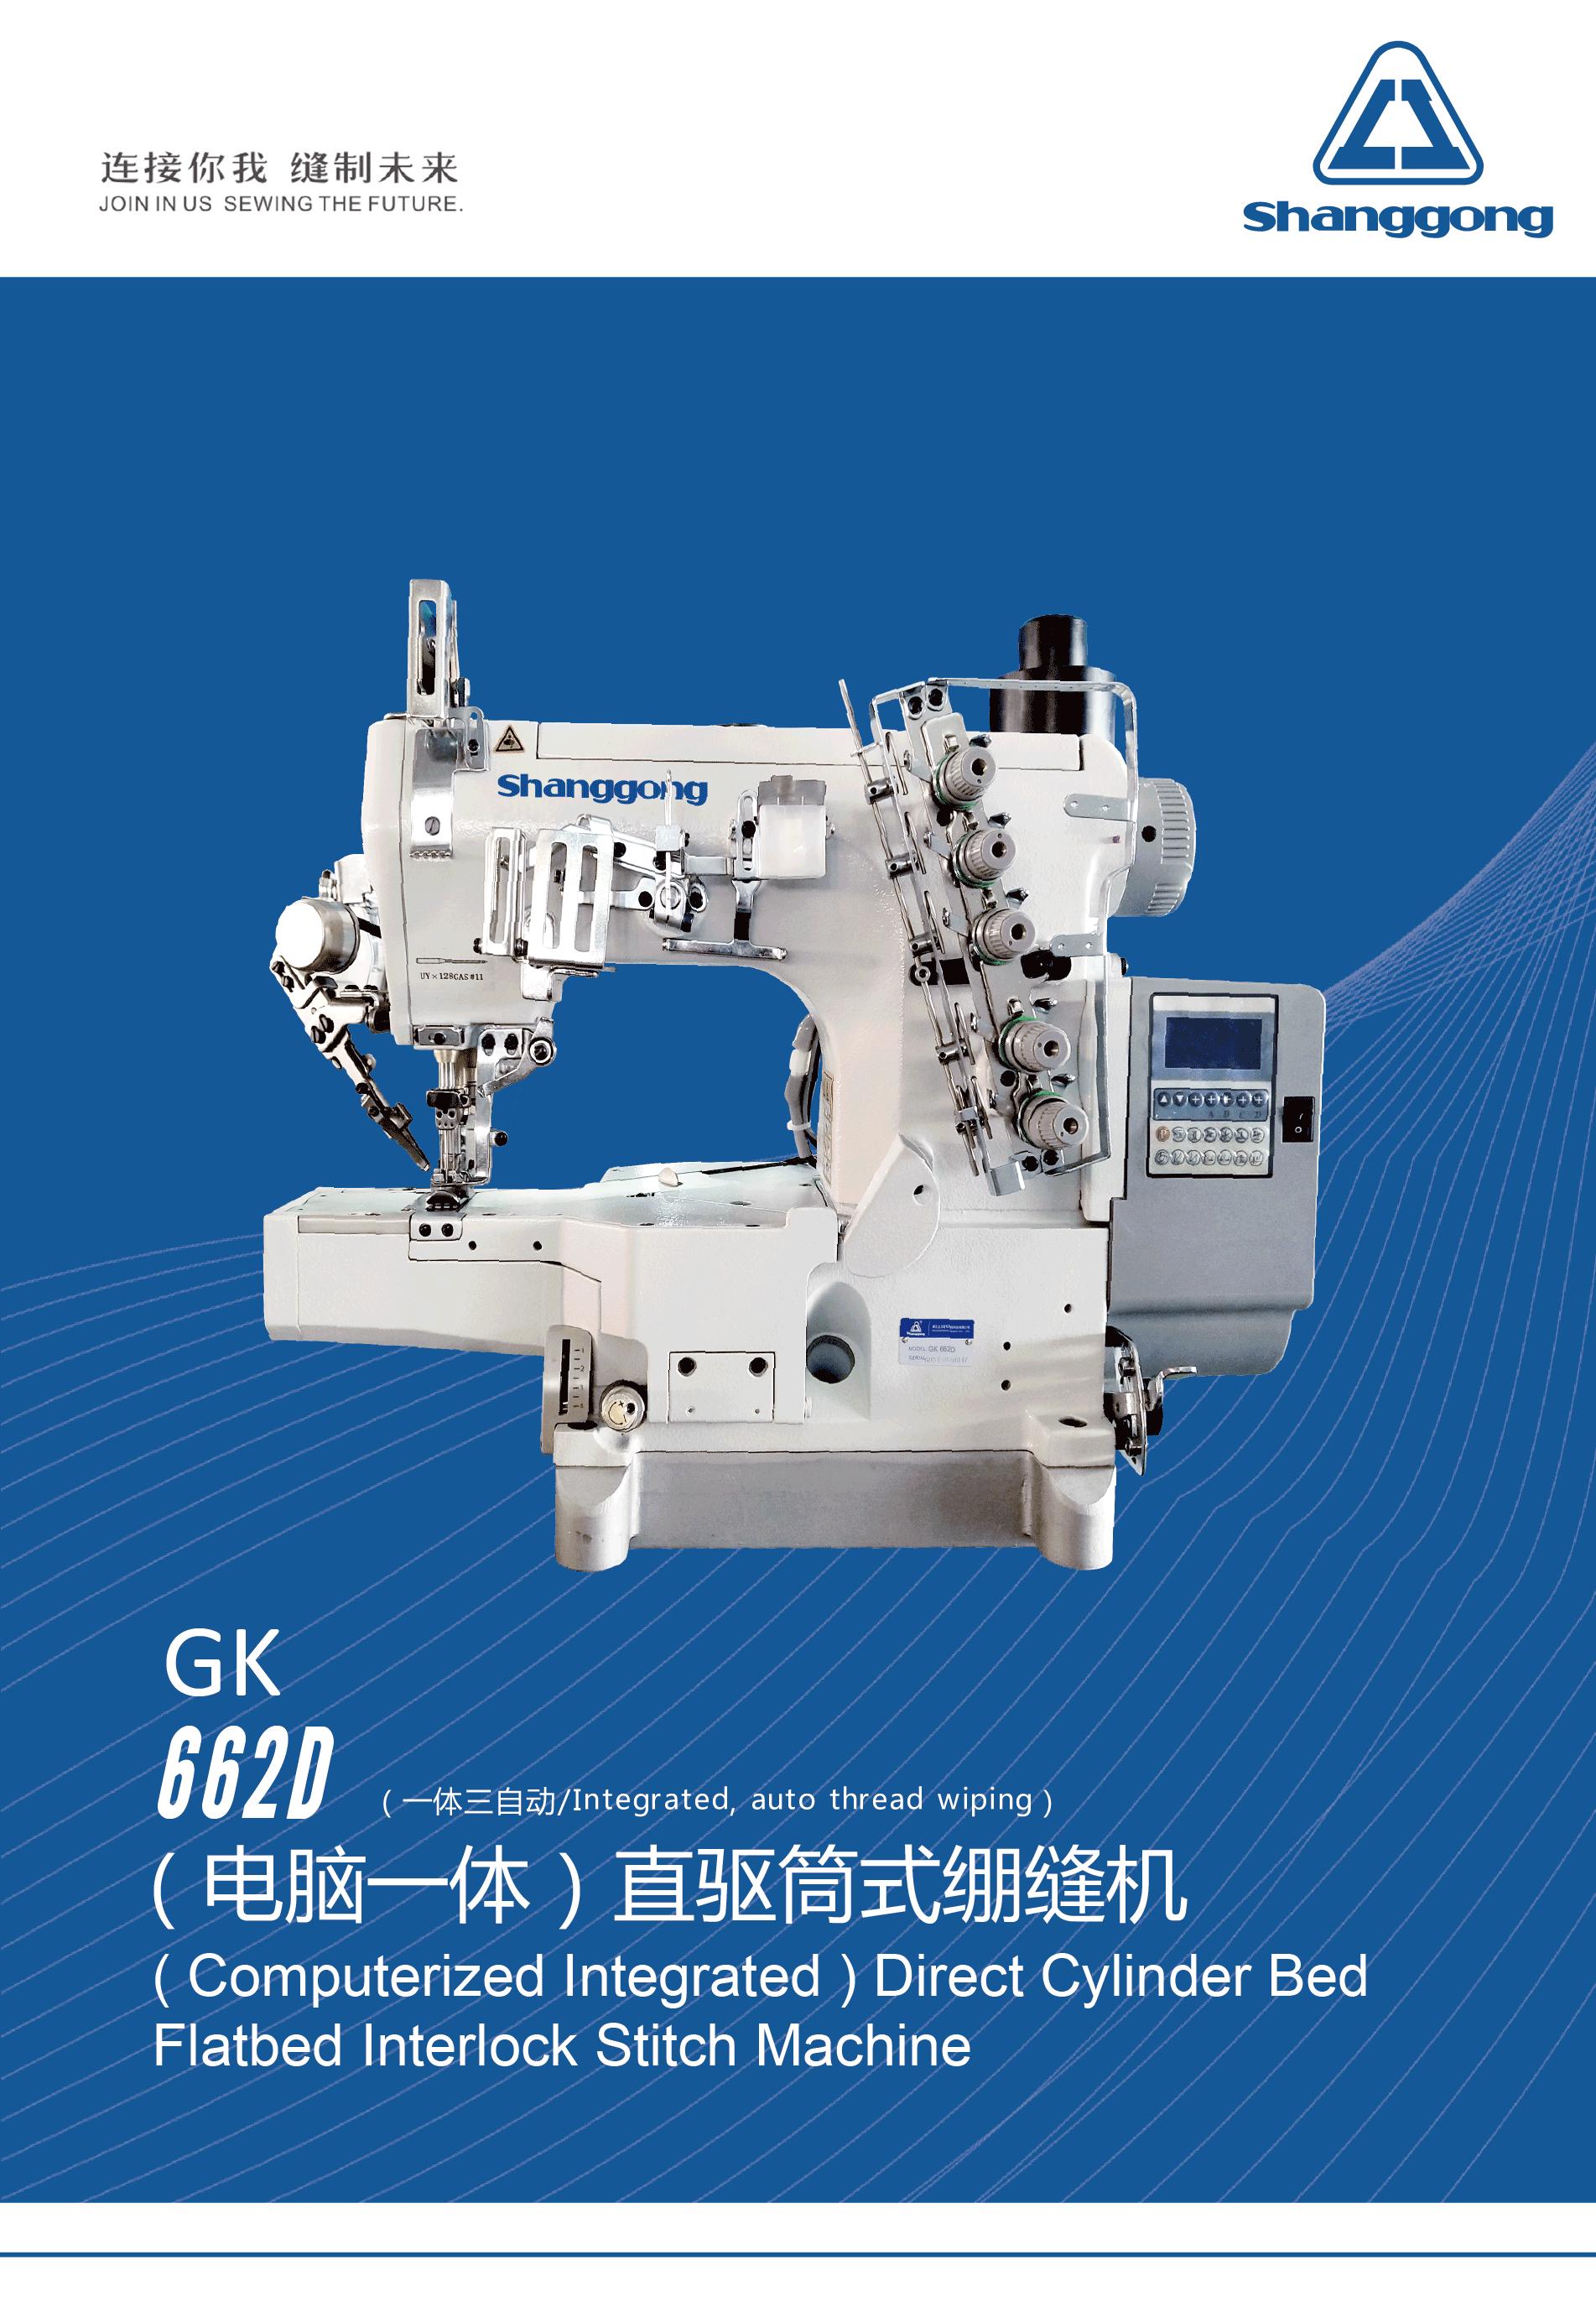 GK662D电脑一体筒式绷缝机